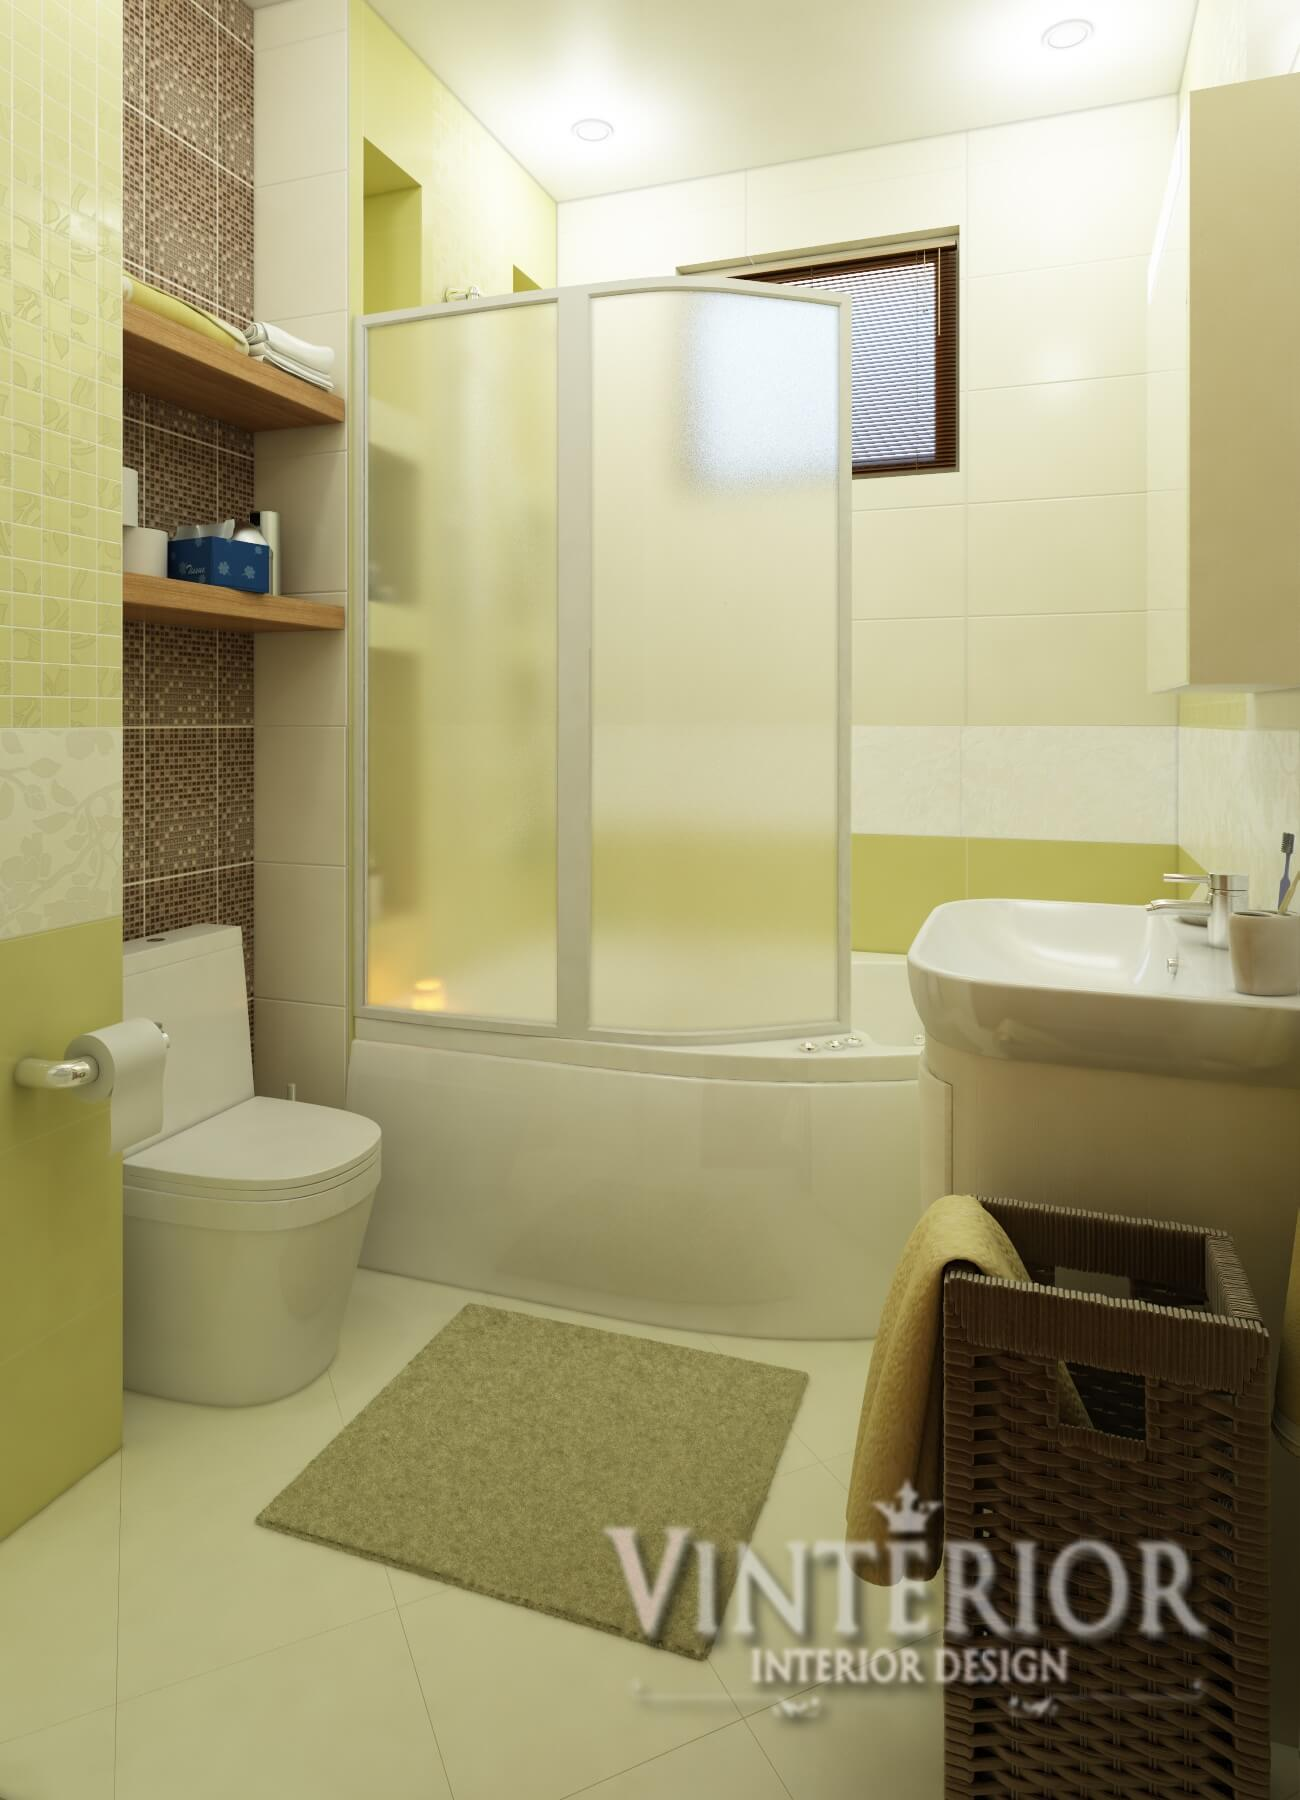 Квартира 3-х комнатная, Оболонь, г. Киев